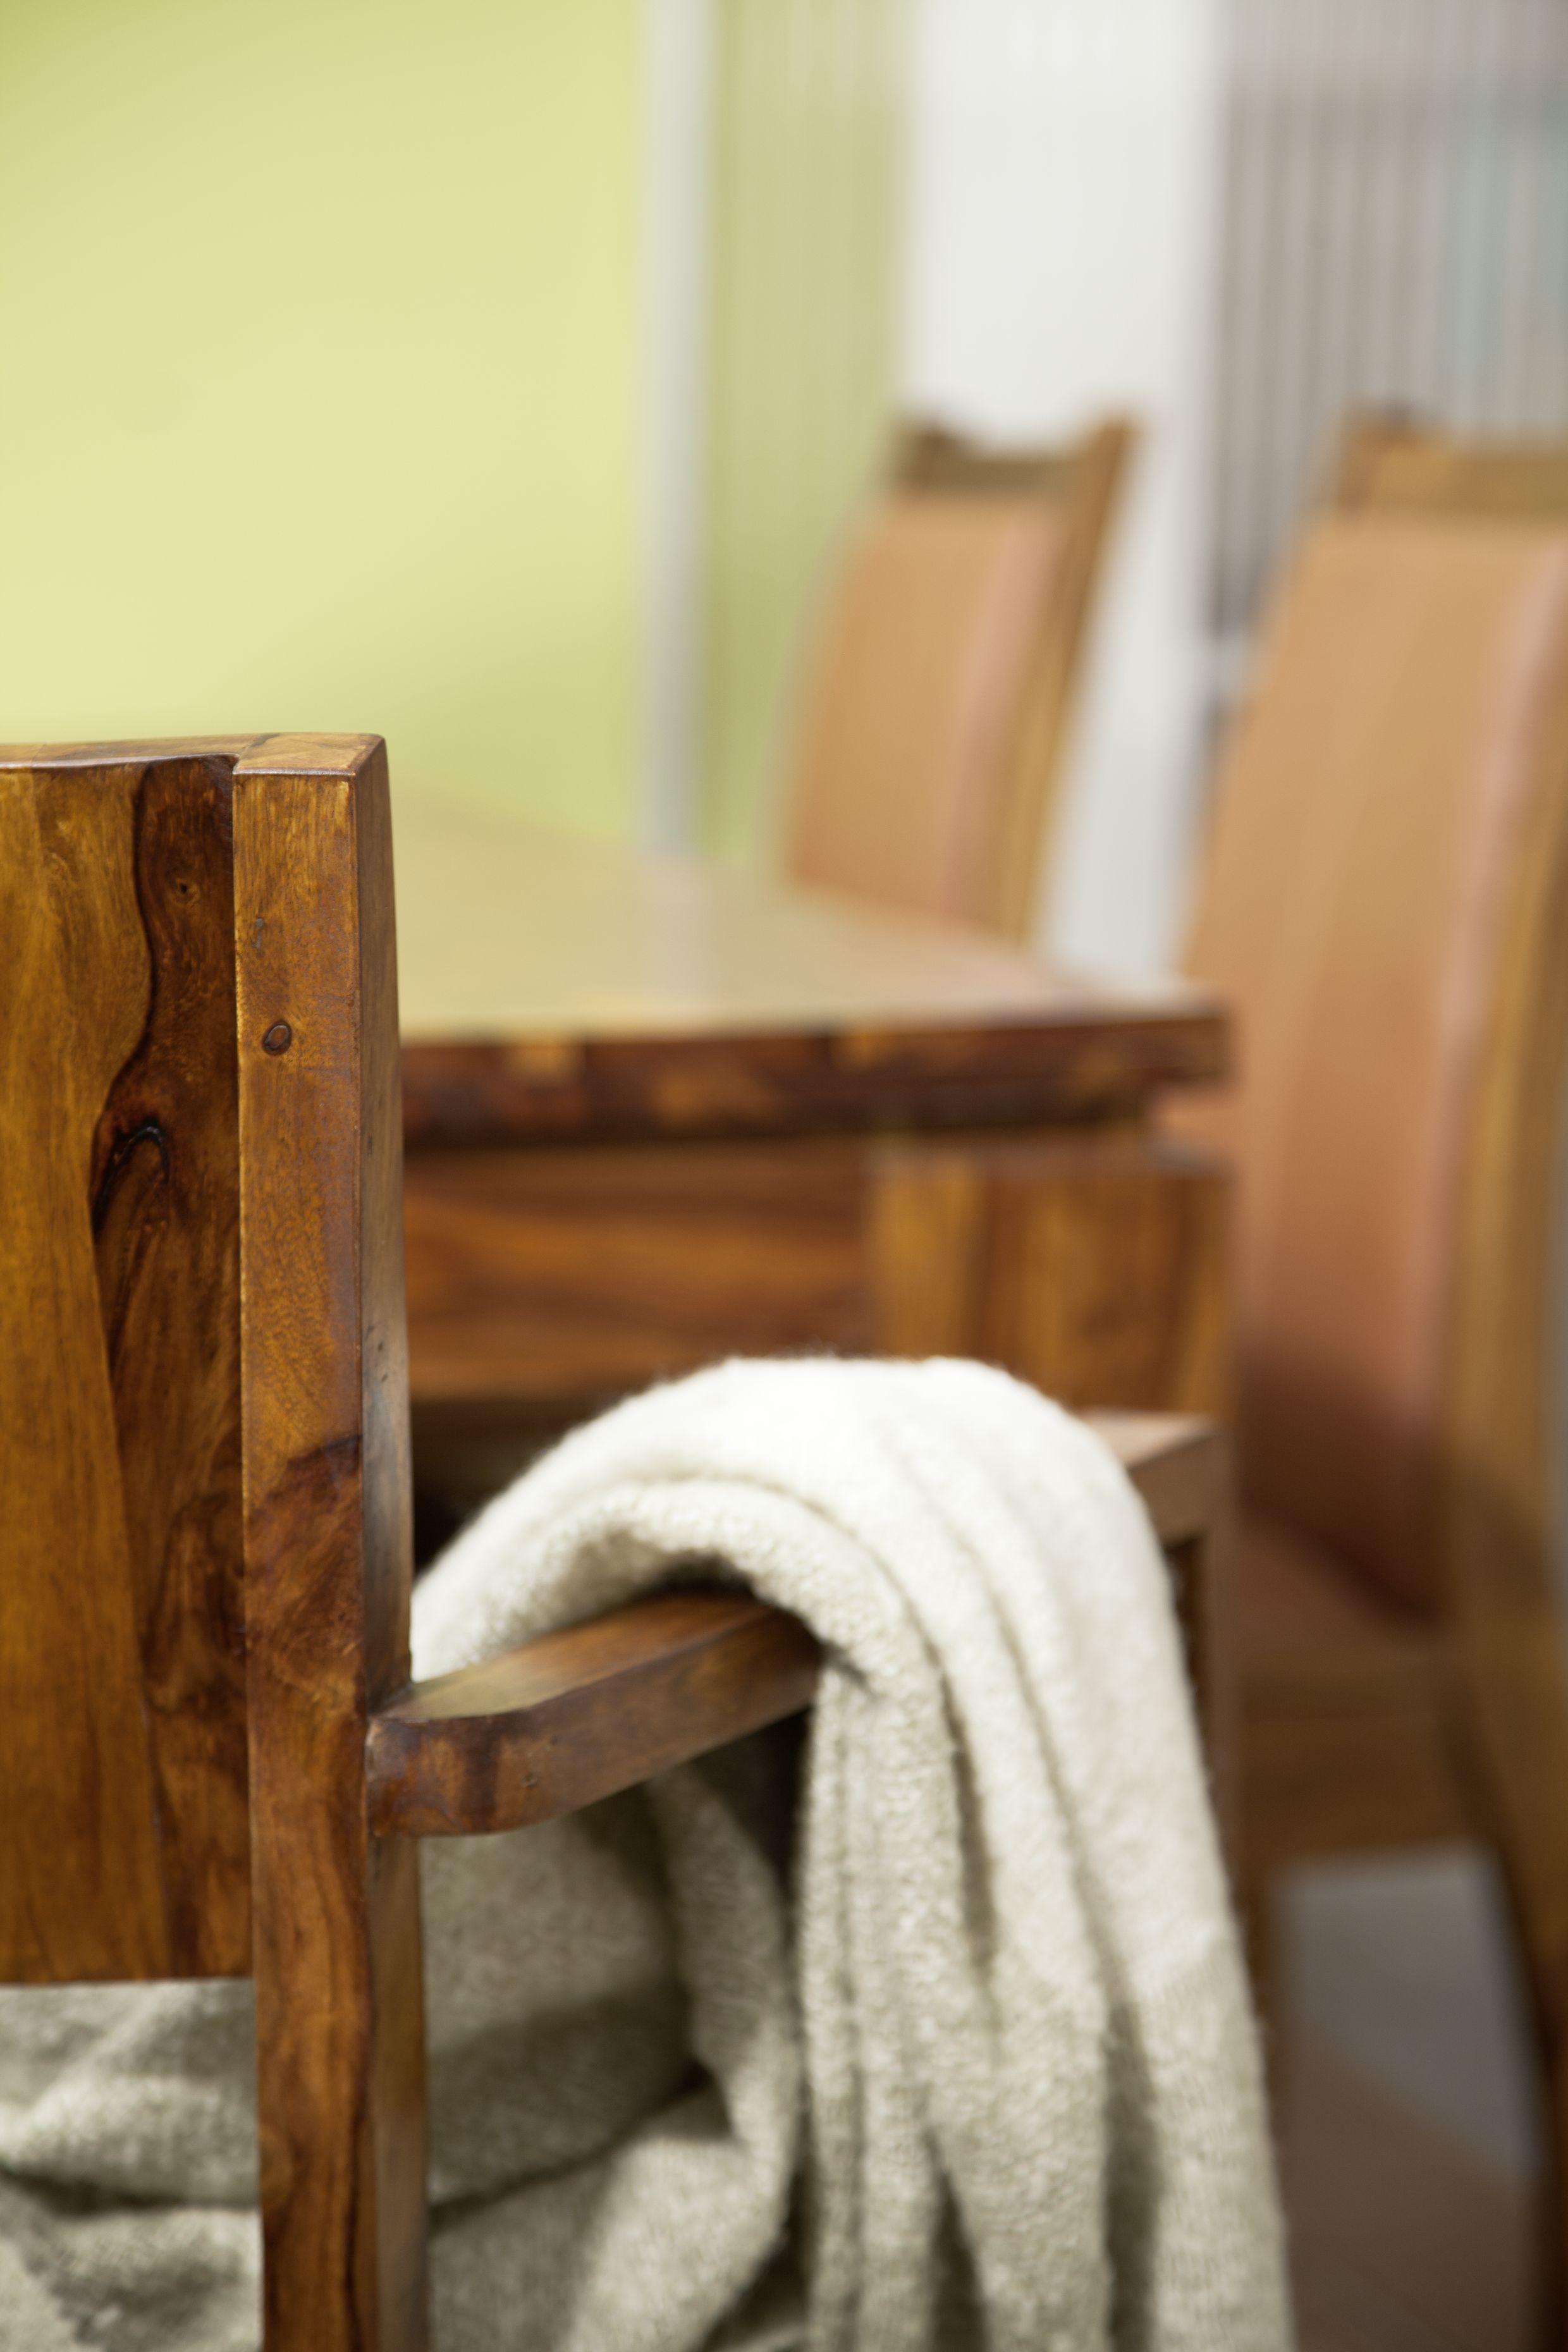 Sessel der Serie METRO LIFE aus Palisanderholz. Die